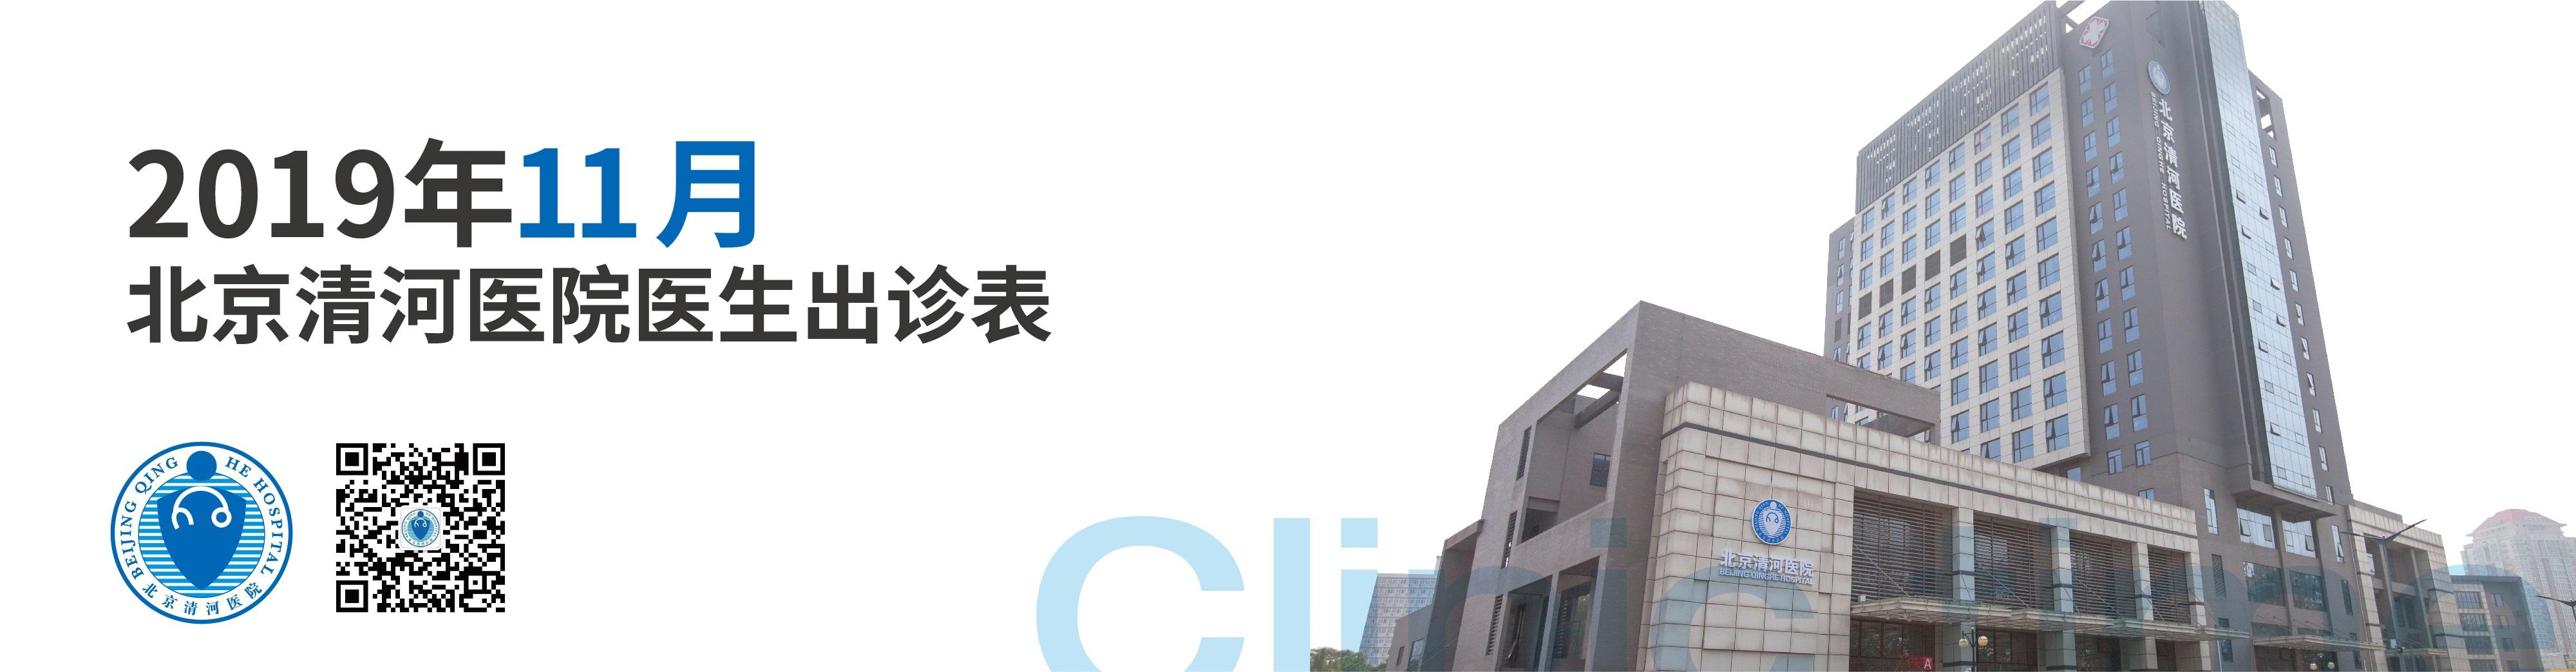 2019年11月北京清河医院医生出诊表